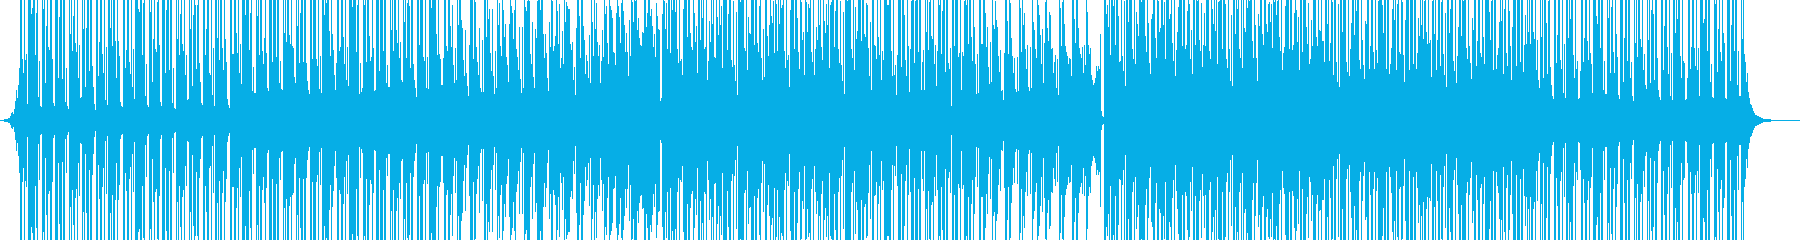 PV-エモ-GoPro-エレクトロ-CMの再生済みの波形